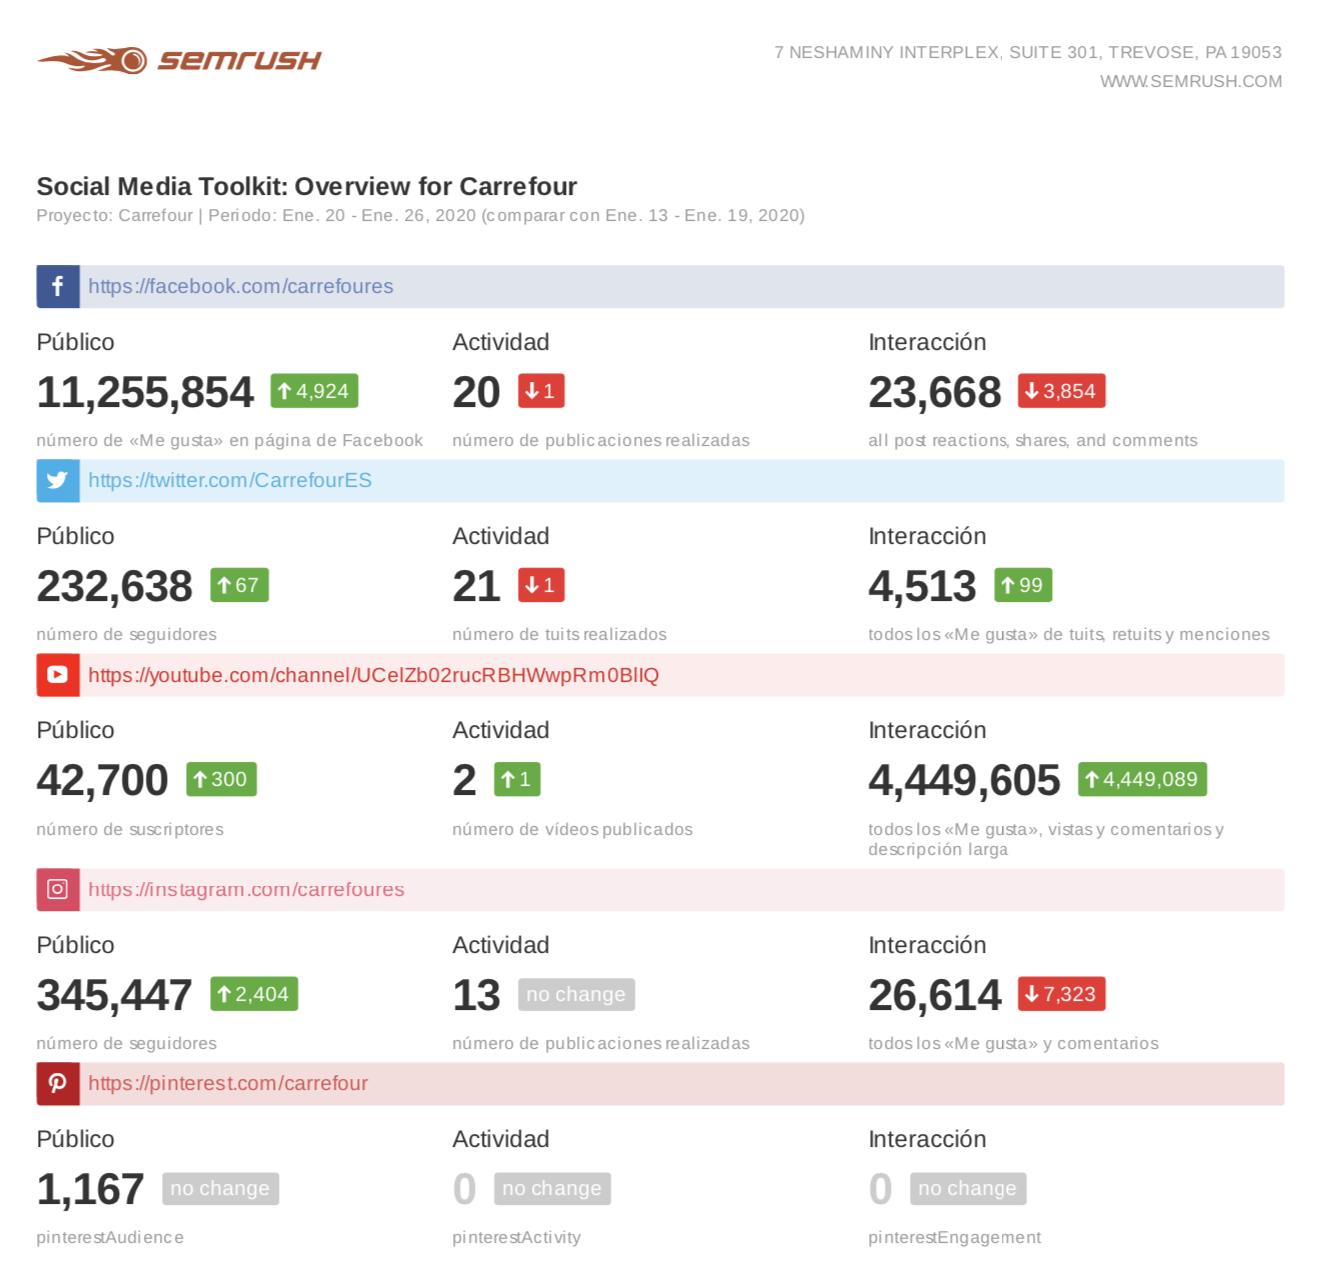 Informes de marketing - Social Media Toolkit